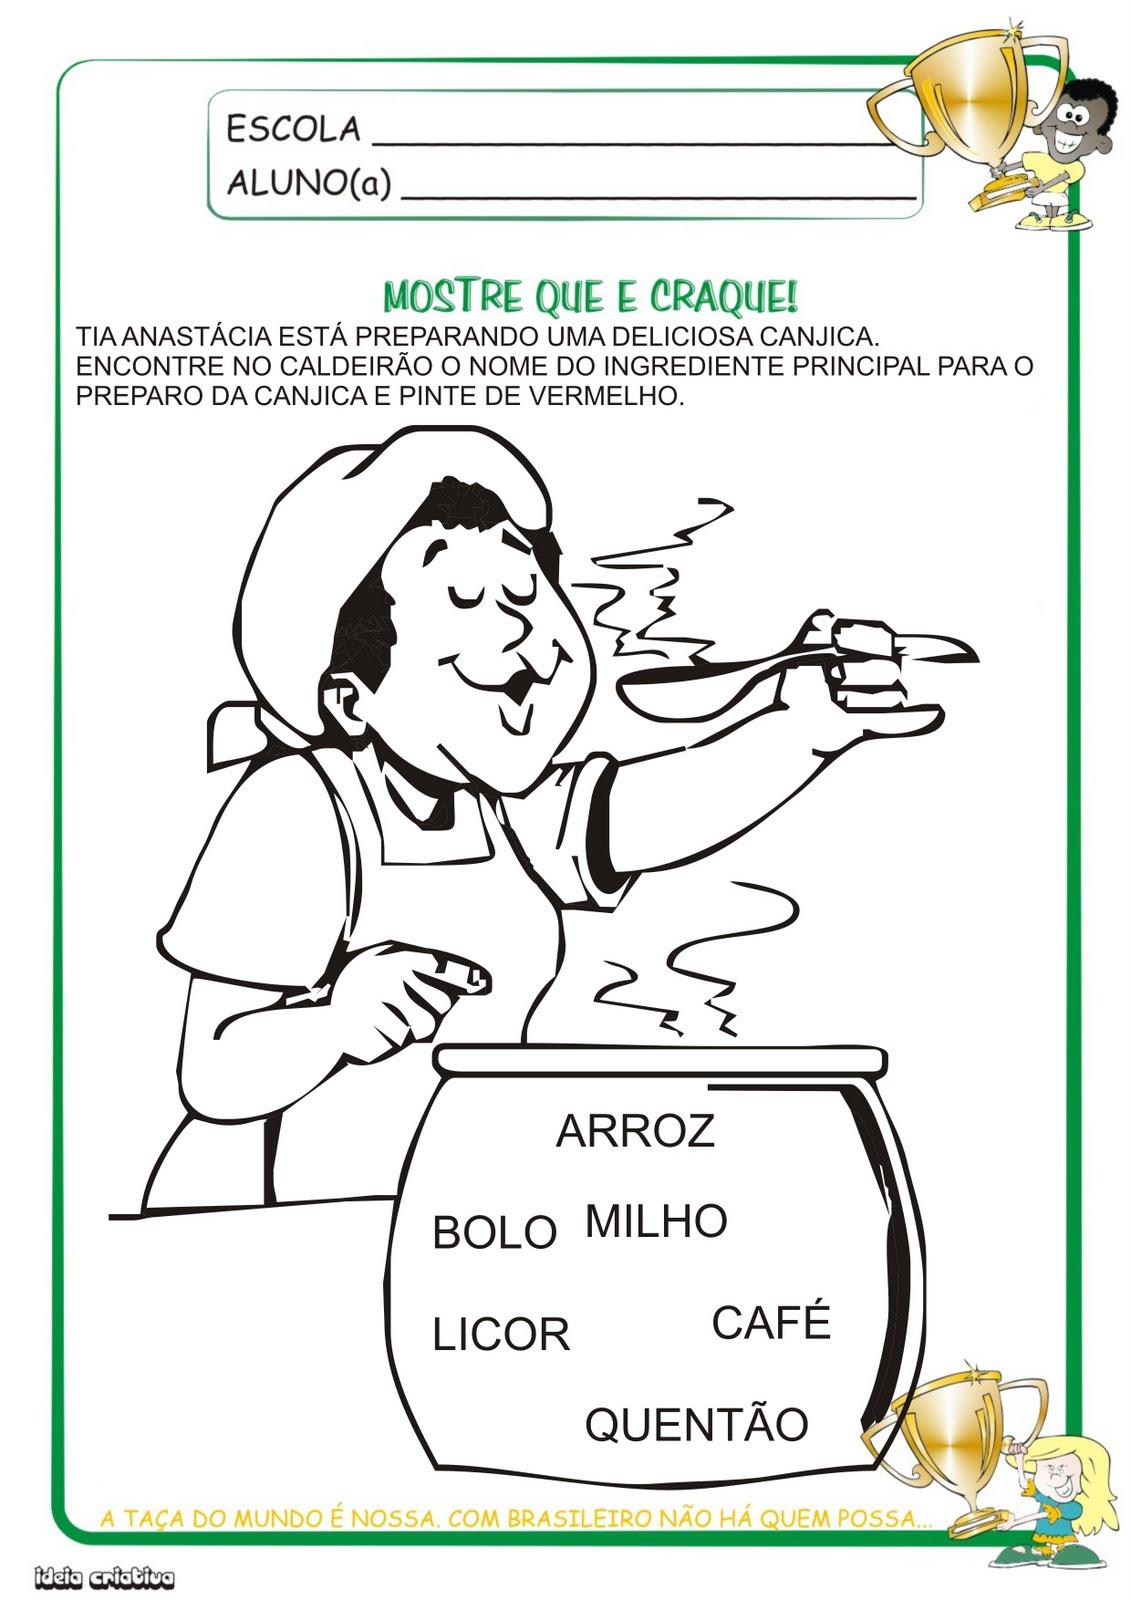 Atividade Festas Juninas Tia Anastácia e a canjica Sítio do Pica-pau Amarelo